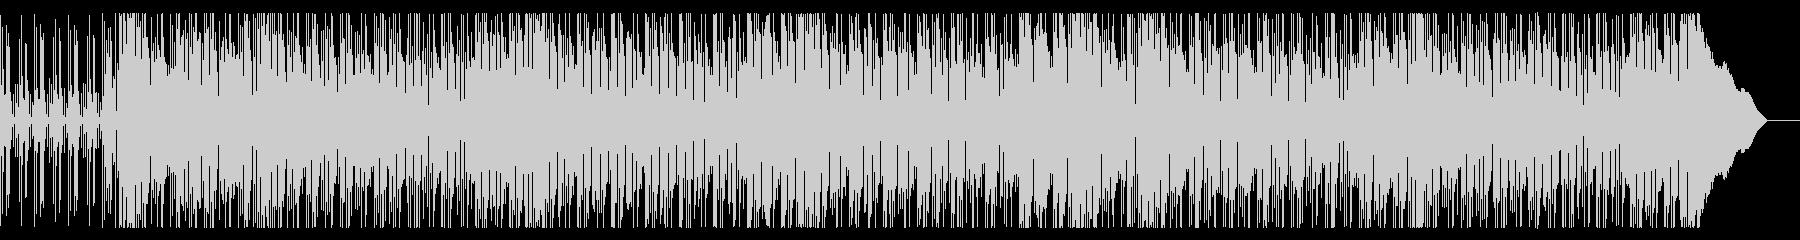 LOUNGE上品なラウンジミュージックの未再生の波形